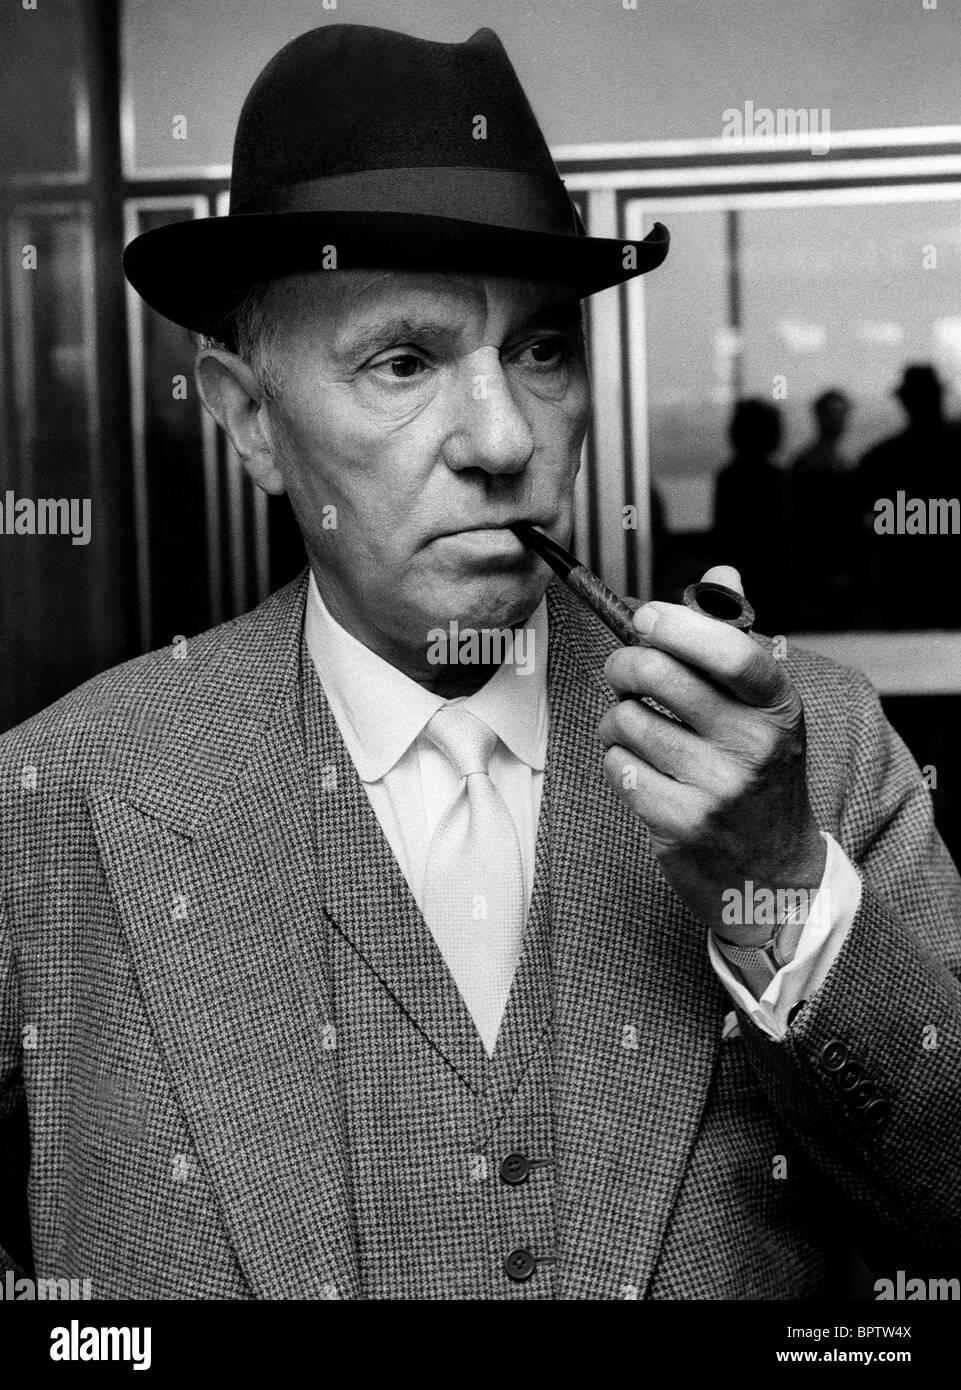 SIR RALPH RICHARDSON ACTOR (1969) - Stock Image